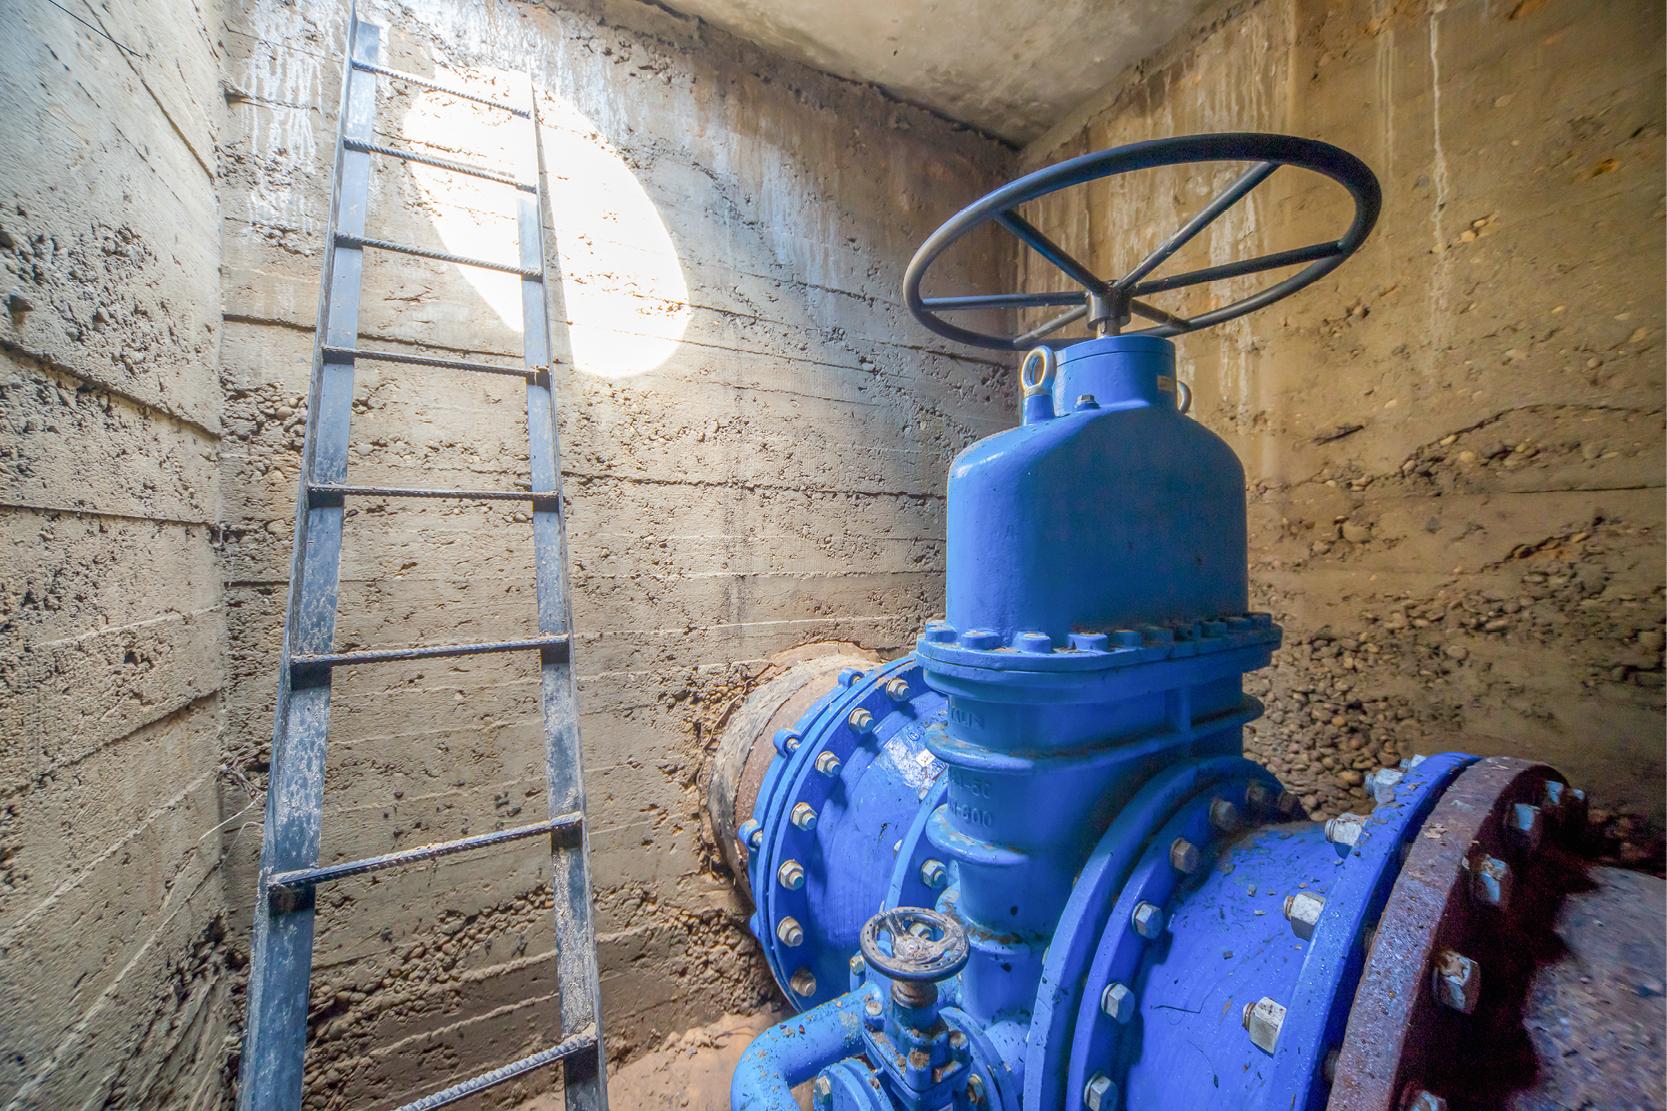 Tuberias-Procesamiento-de-Agua-Cirko-Engineering-5.jpg